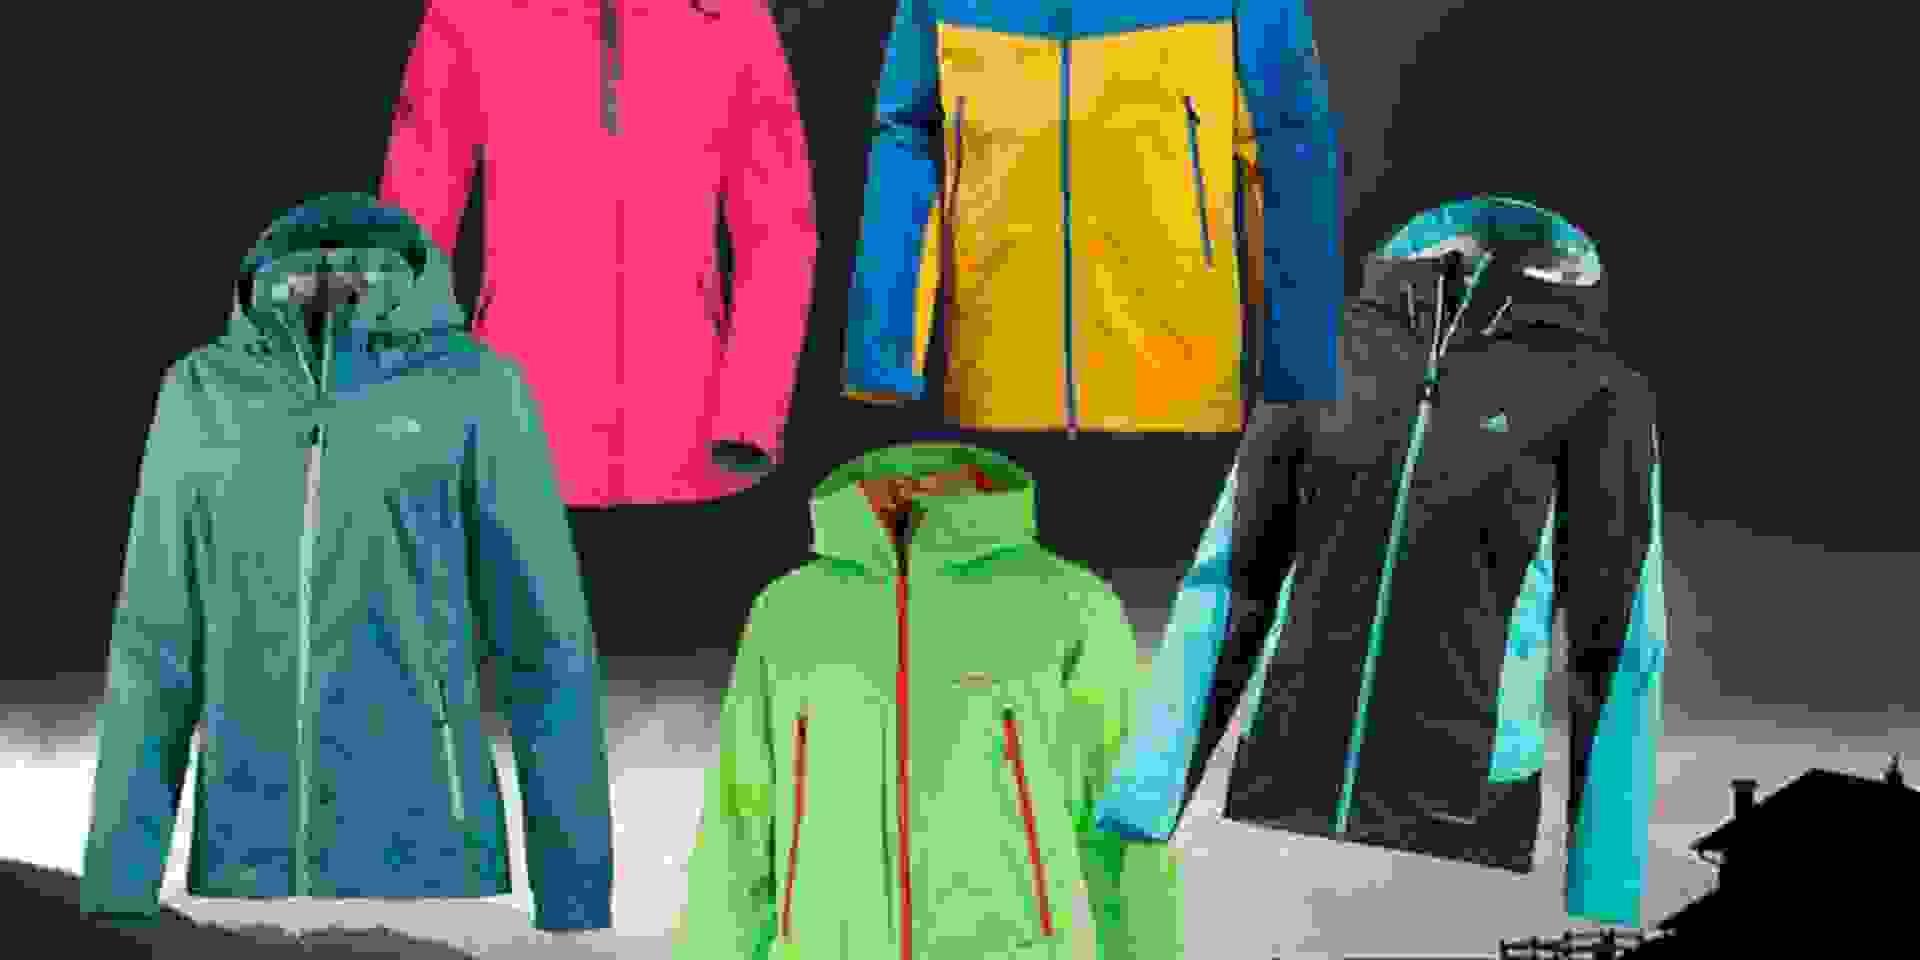 Dargestellt sind 5 verschiedenfarbige Regenjacken von unterschiedlichen Herstellern auf dunklem Hintergrund.